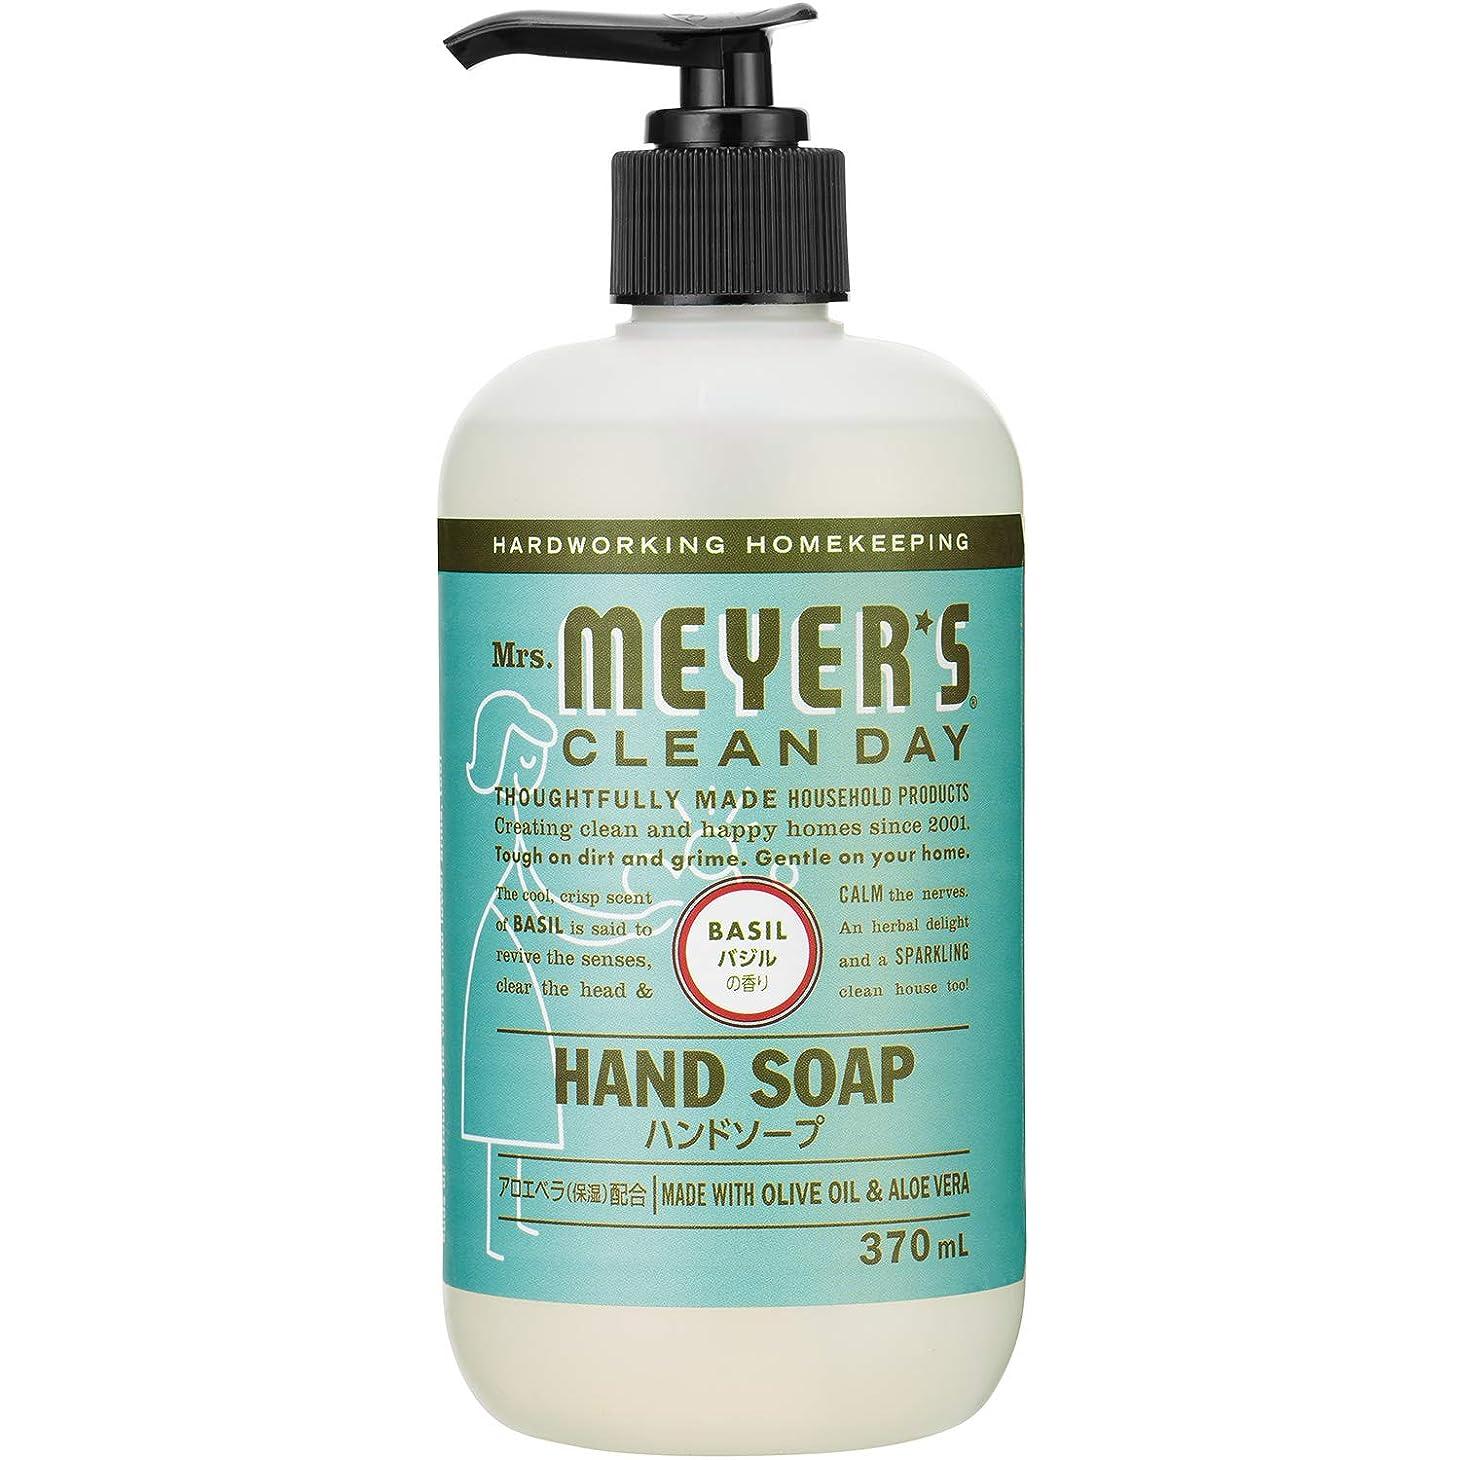 寛大な抜本的な戸棚Mrs. MEYER'S CLEAN DAY(ミセスマイヤーズ クリーンデイ) ミセスマイヤーズ クリーンデイ(Mrs.Meyers Clean Day) ハンドソープ バジルの香り 370ml 1個